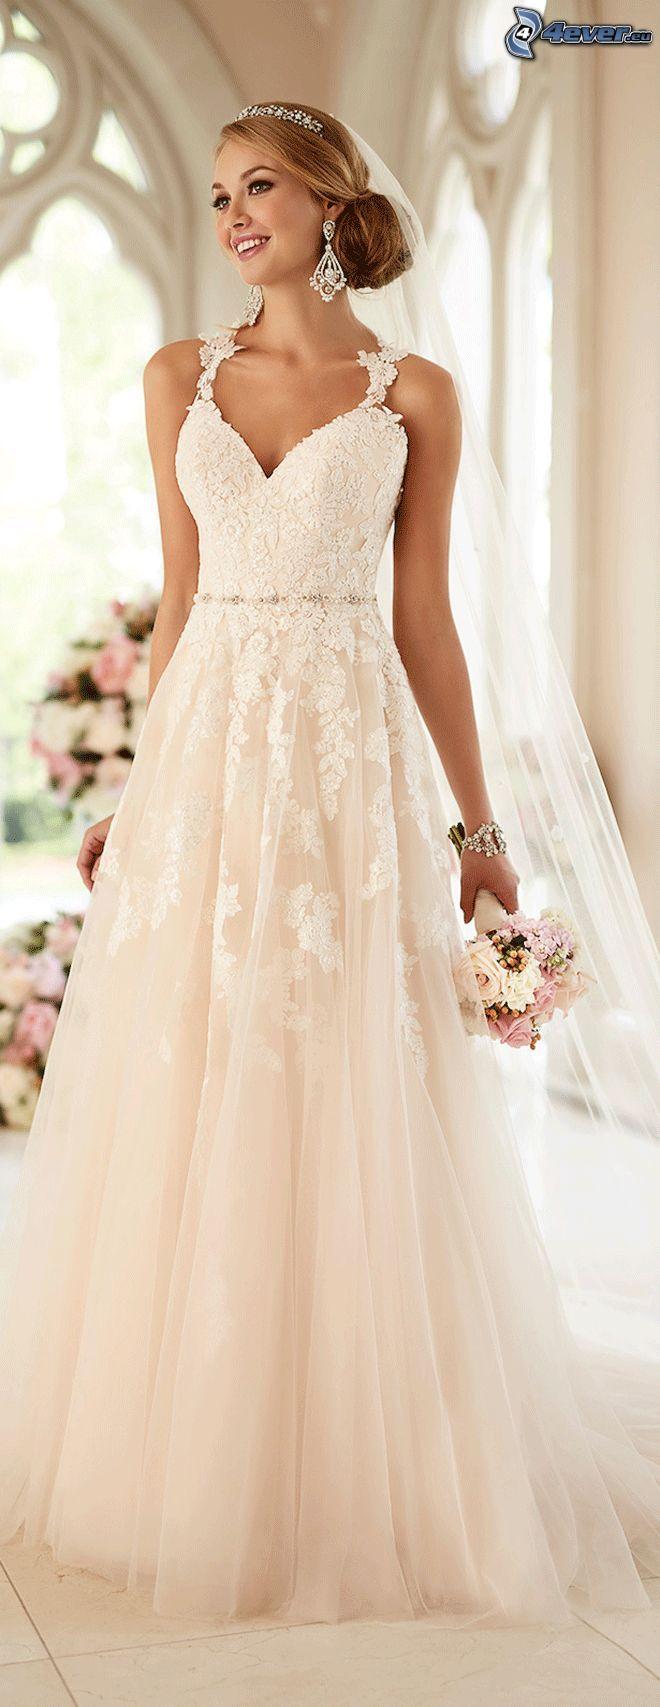 Brautkleid, Braut, Hochzeitsstrauß, Lächeln